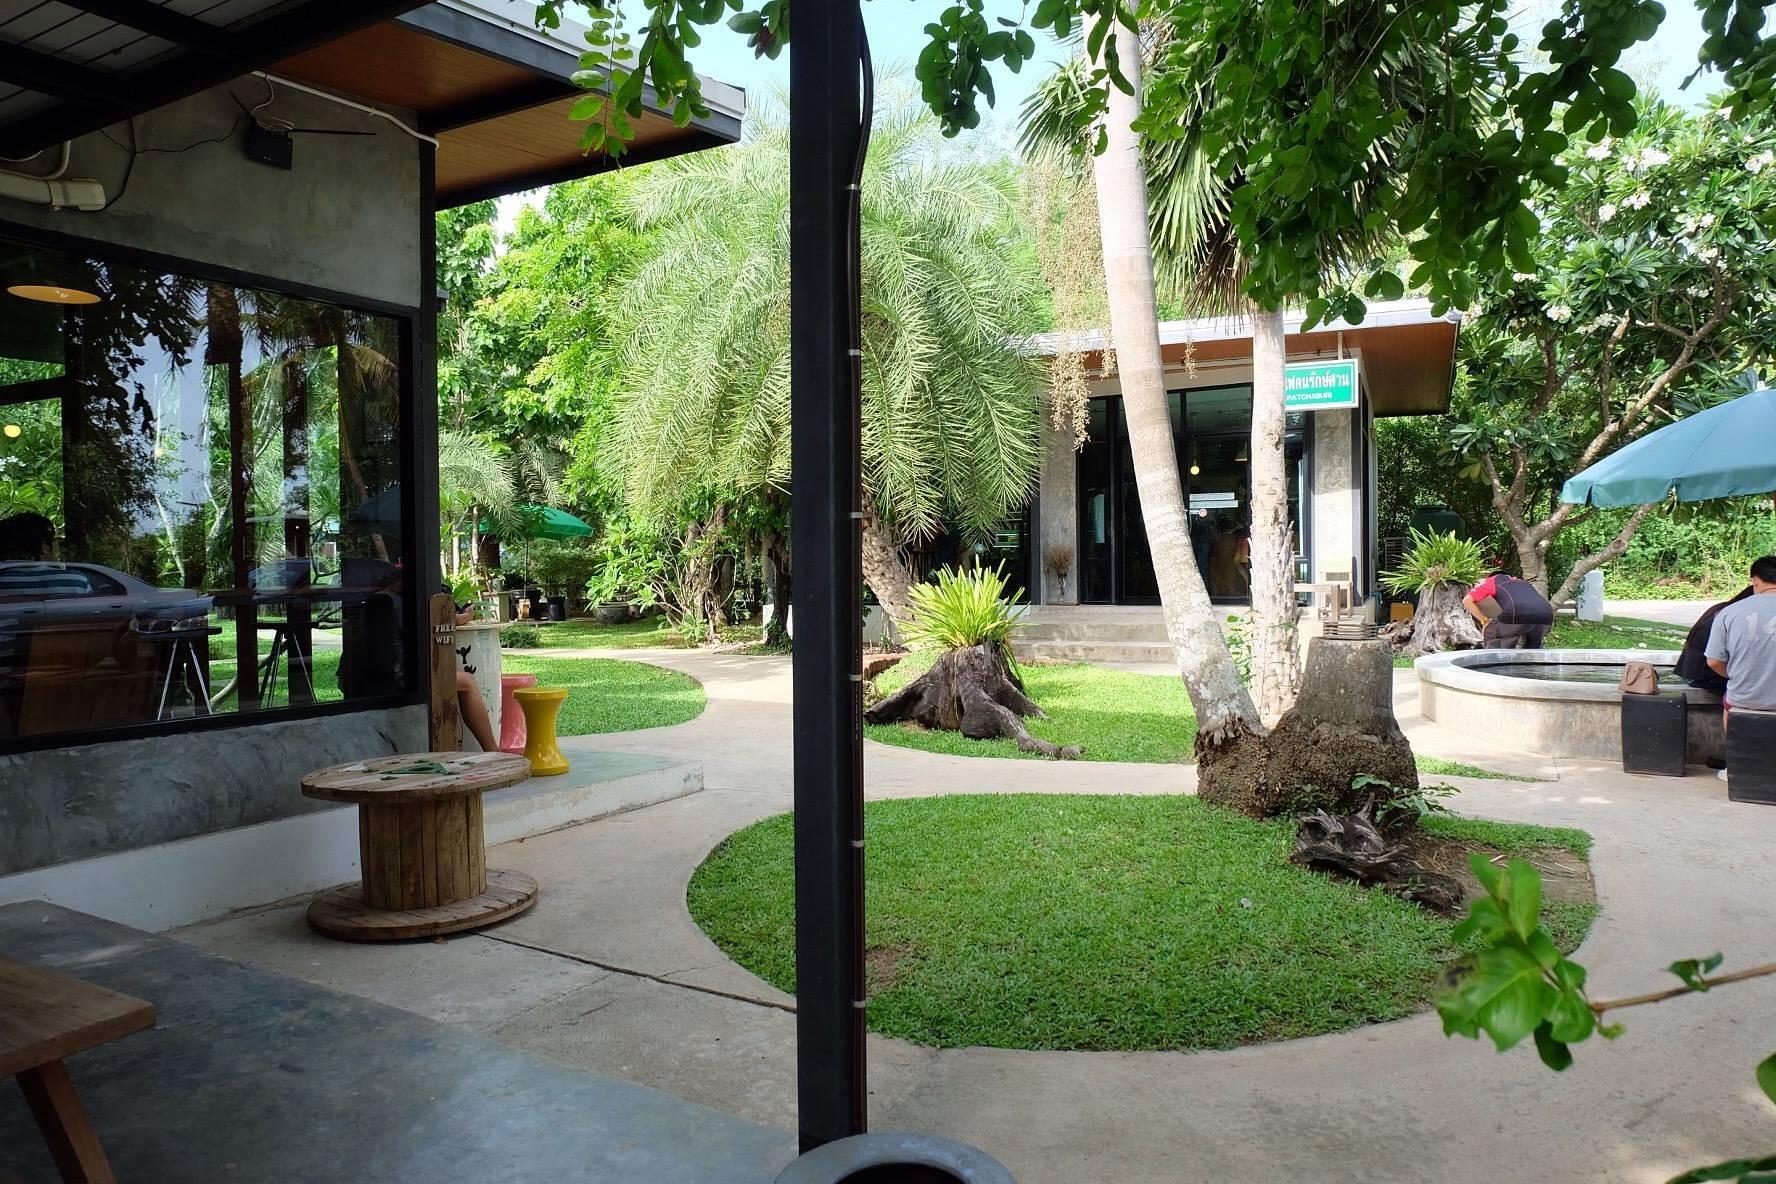 กาแฟคนรักษ์สวน